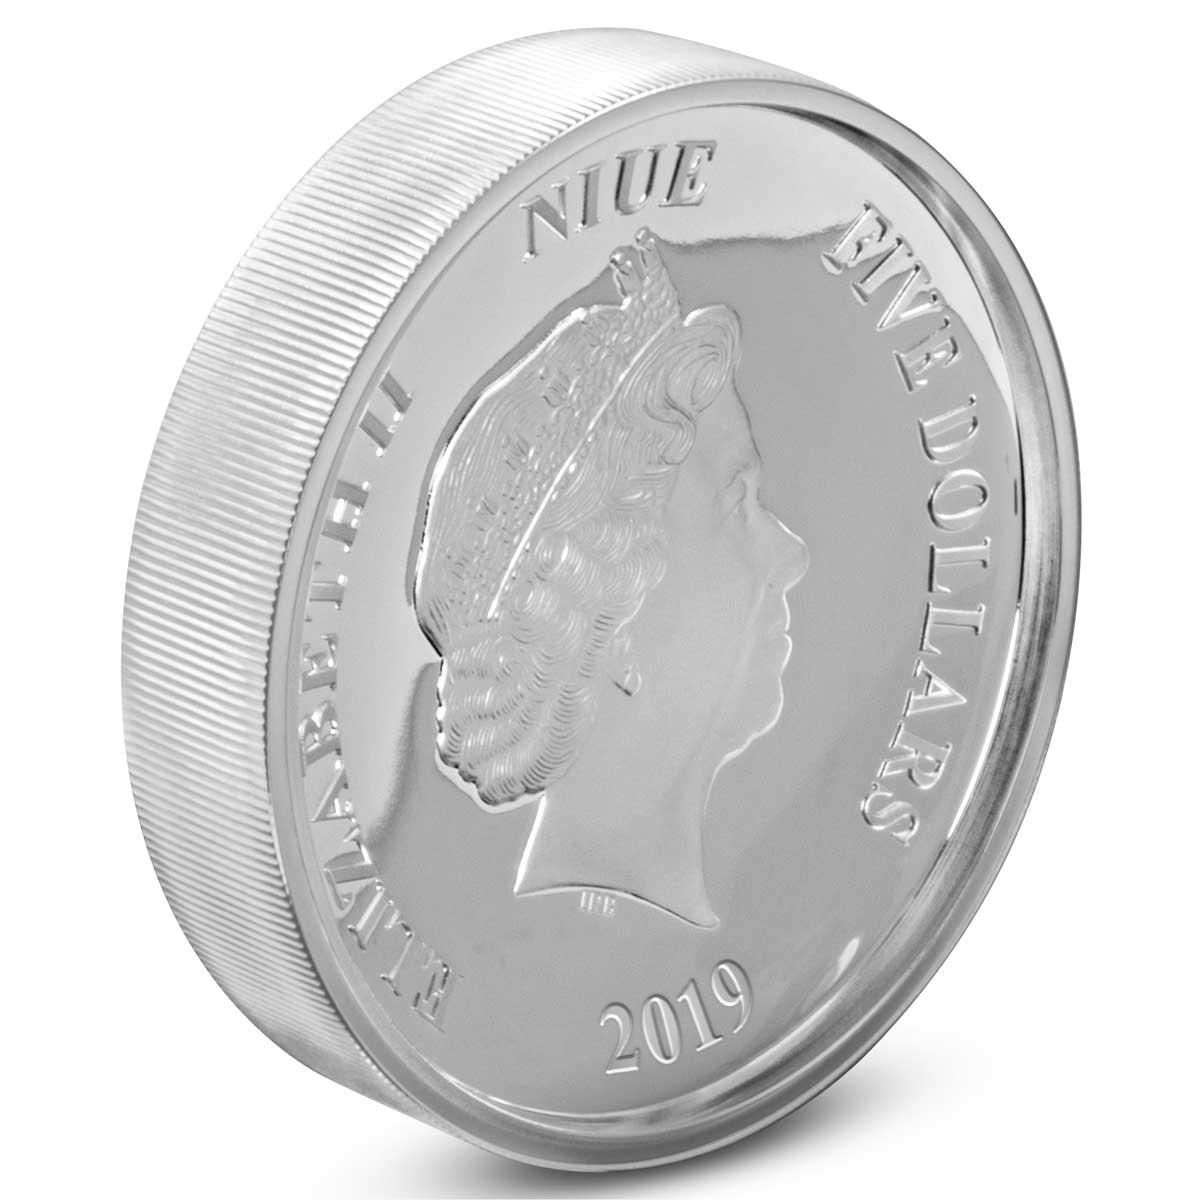 Ниуэ монета 5 доларов Дональ Дак и Пингвин, аверс